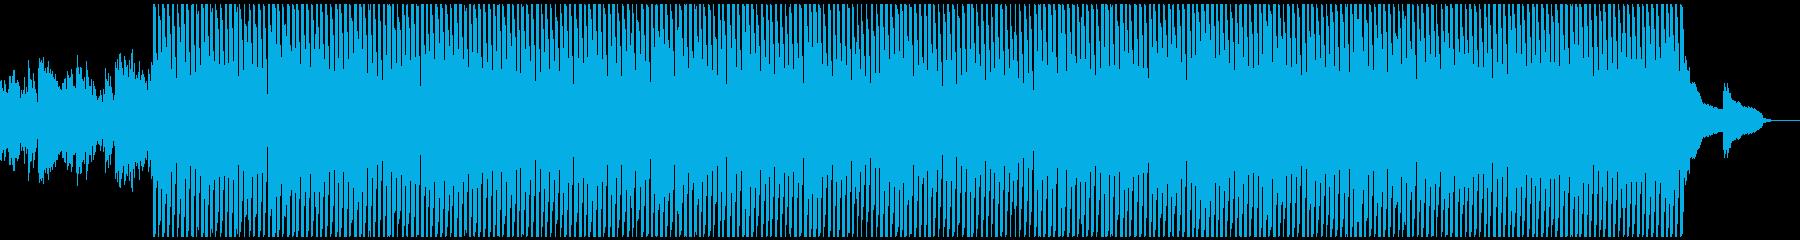 明るい前向きなイメージの曲の再生済みの波形